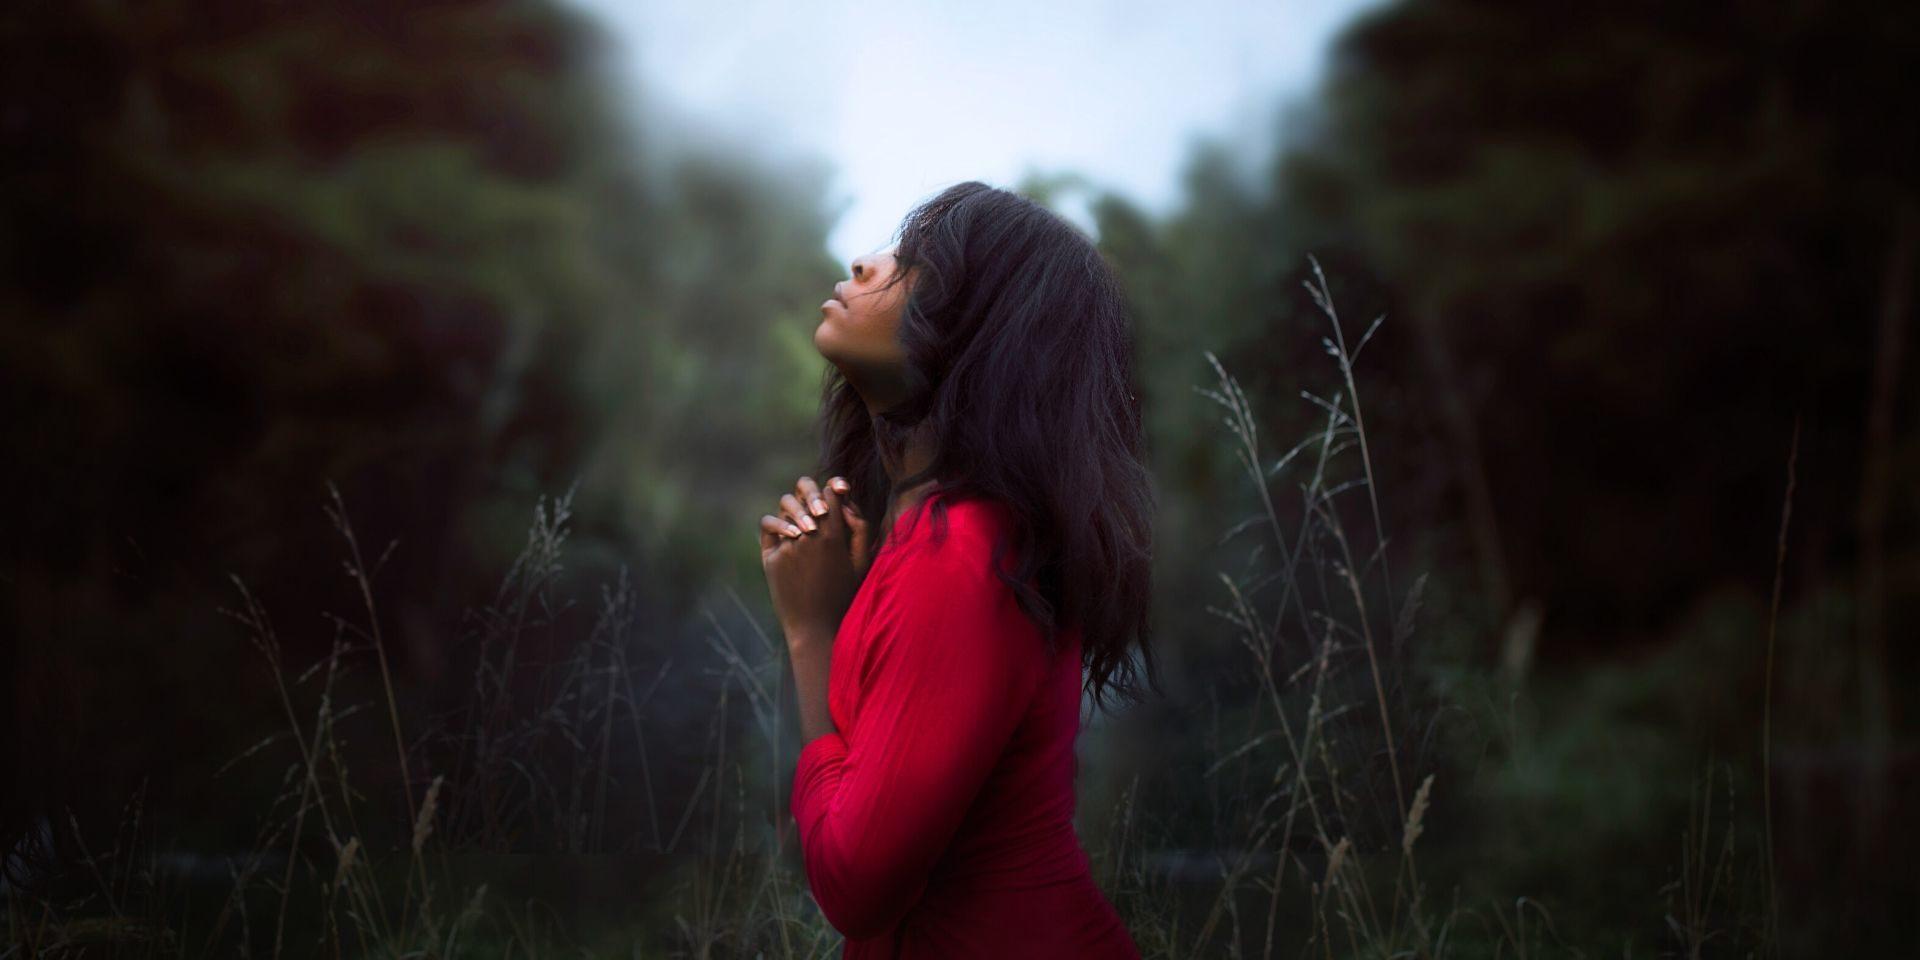 praying-towards-heaven